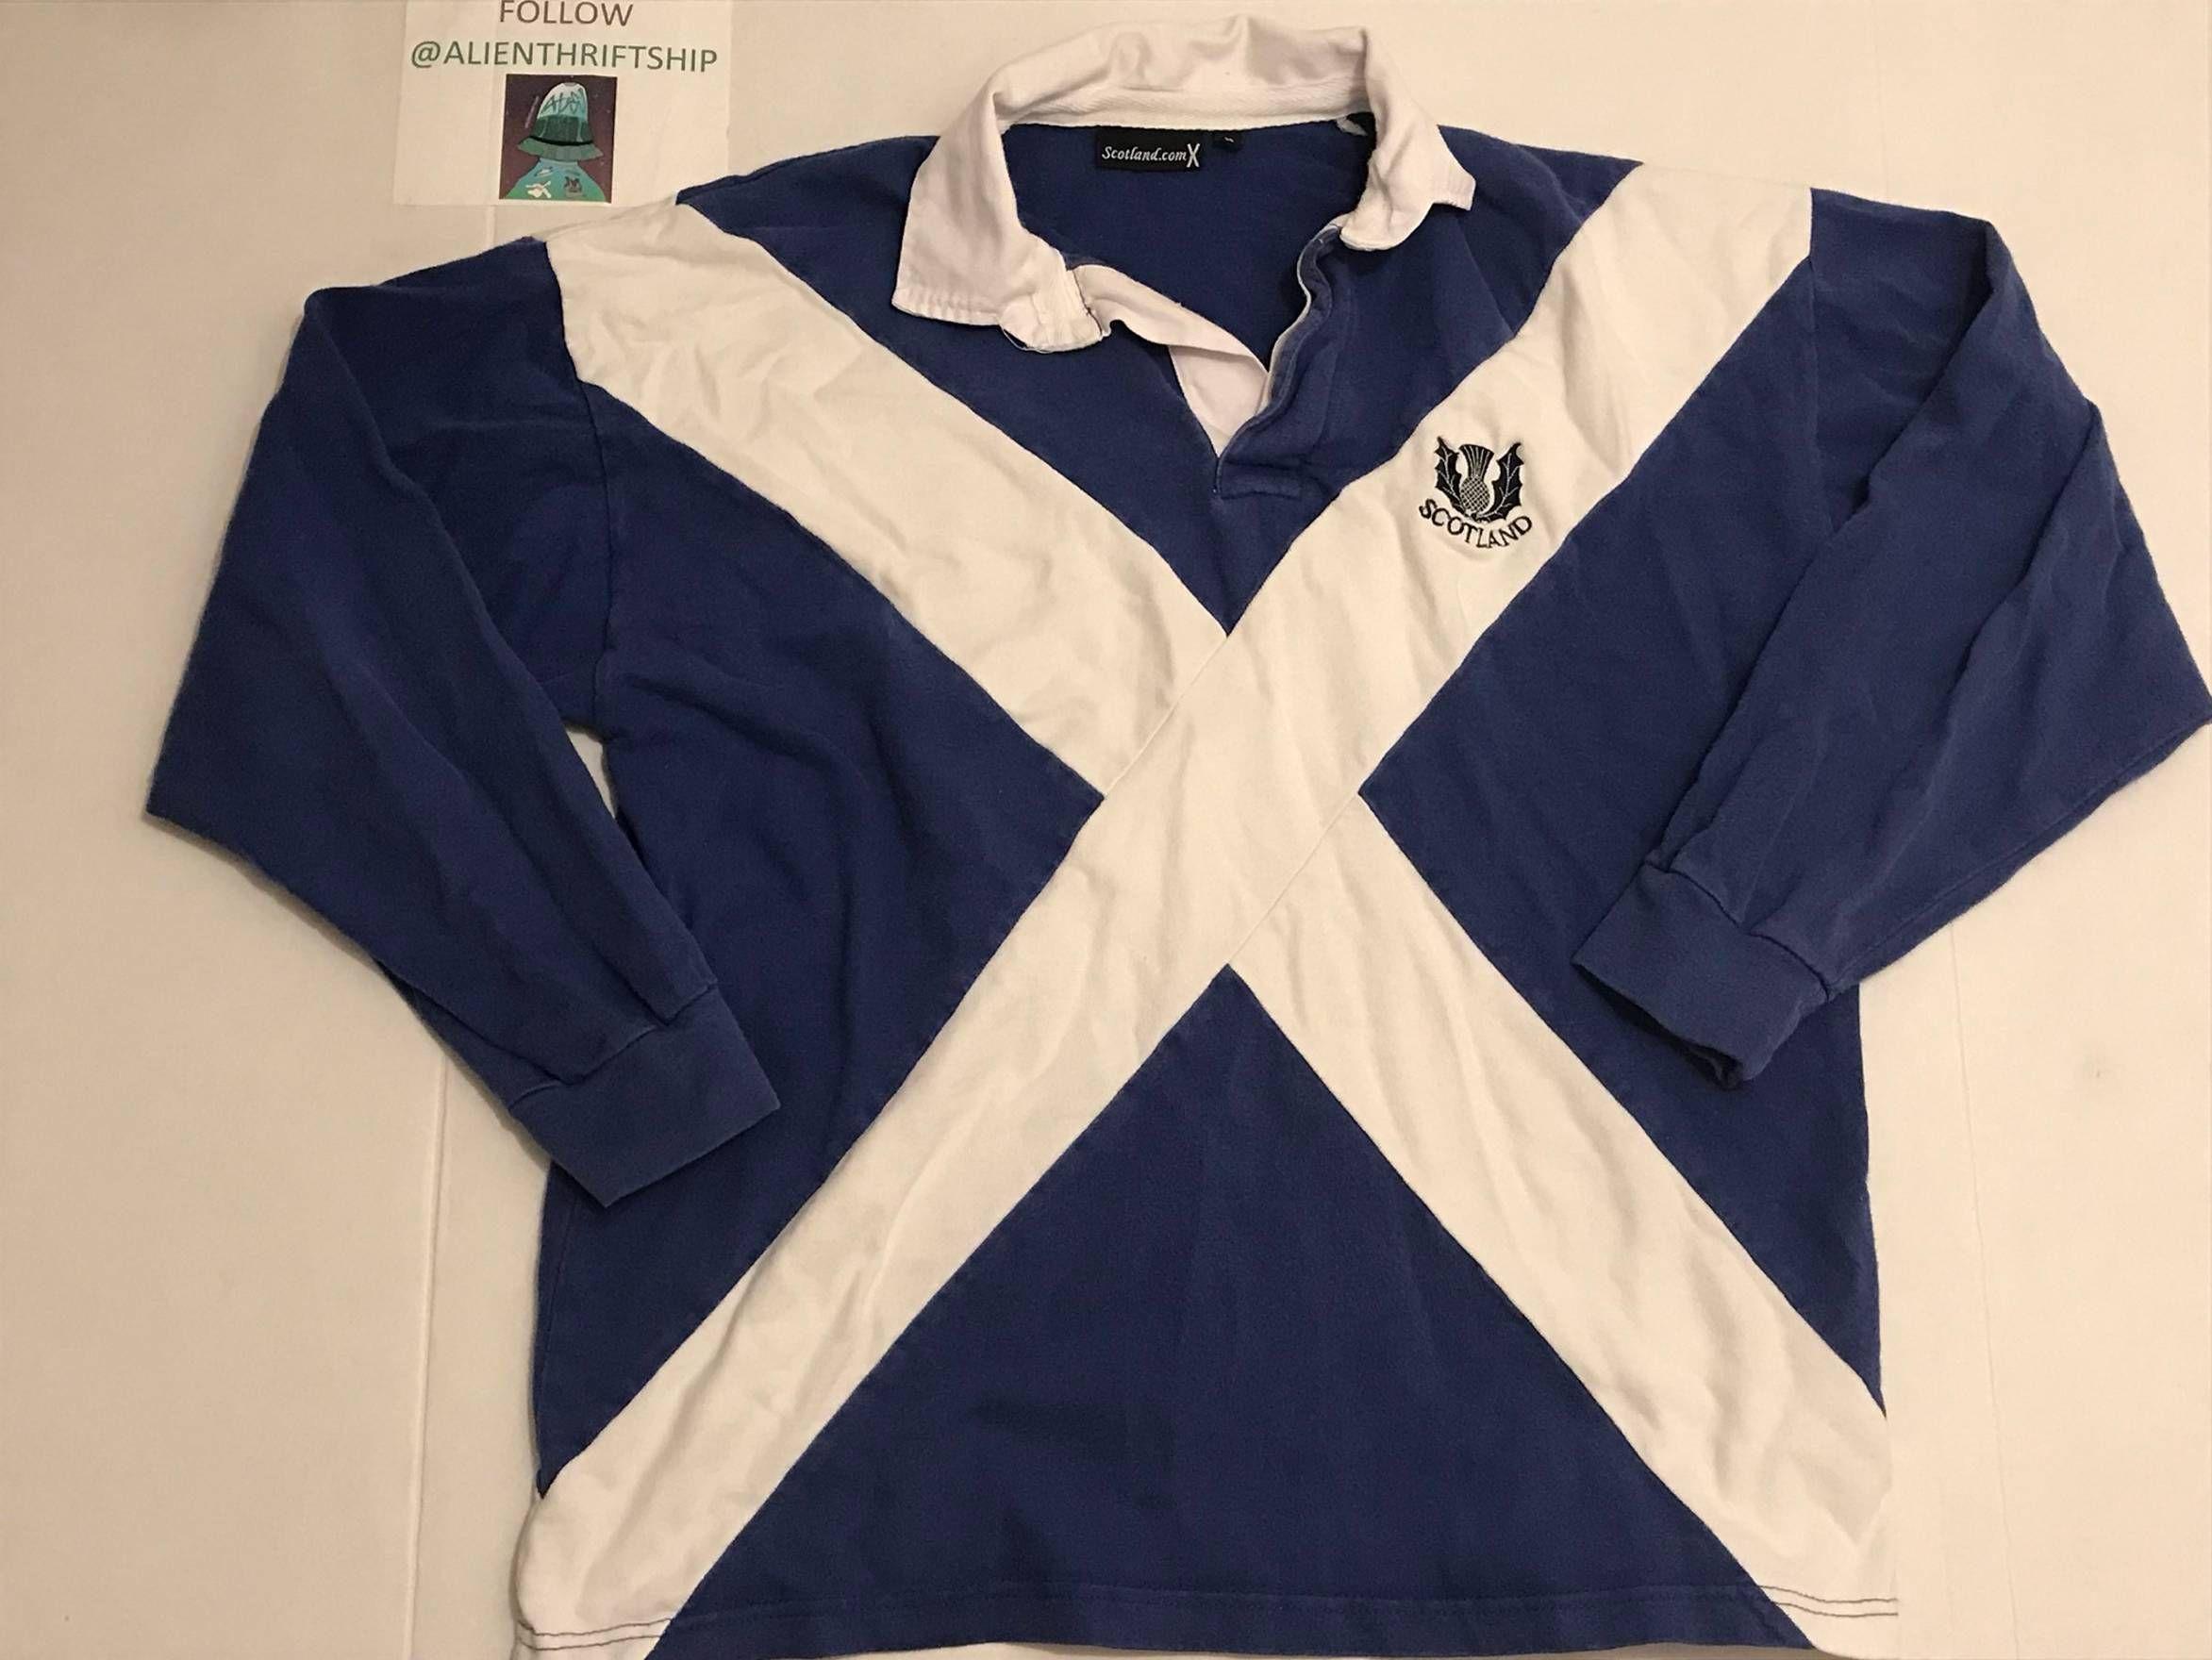 Jersey Vintage Vintage Scotland Flag Rugby Jersey Long Sleeve Polo Size M 27 Long Sleeve Polo Vintage Jacket Rugby Jersey